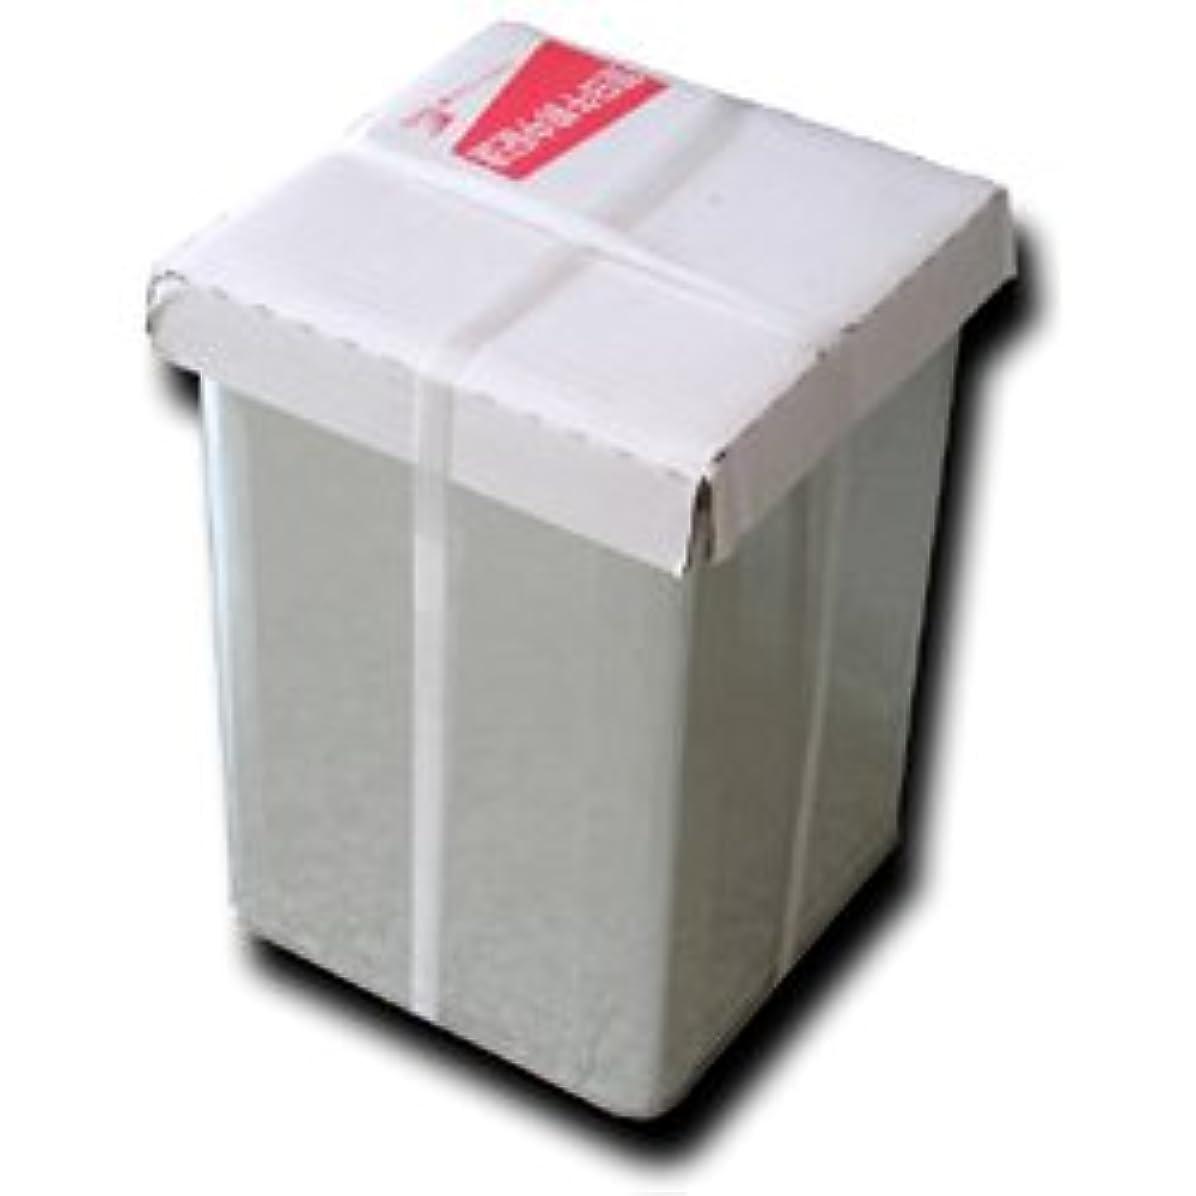 革命的すなわち平和な業務用 DHA油 ドコサヘキサエン酸 16kg×1缶 卸用